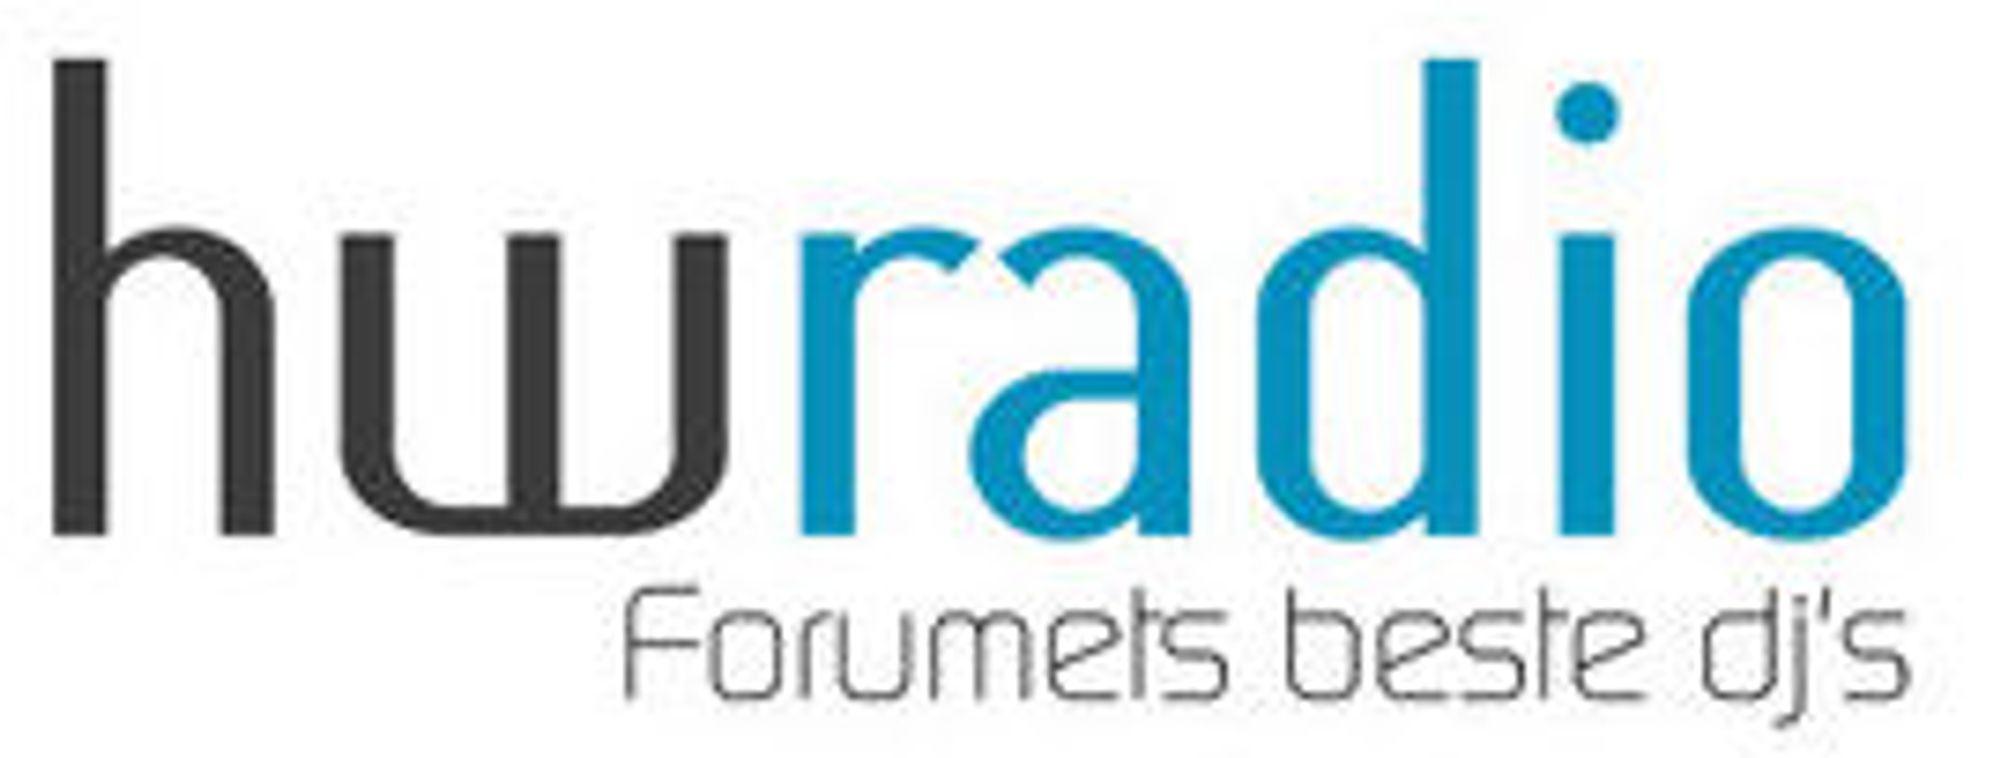 HWradio.net - forumets brukerutviklede nettradio